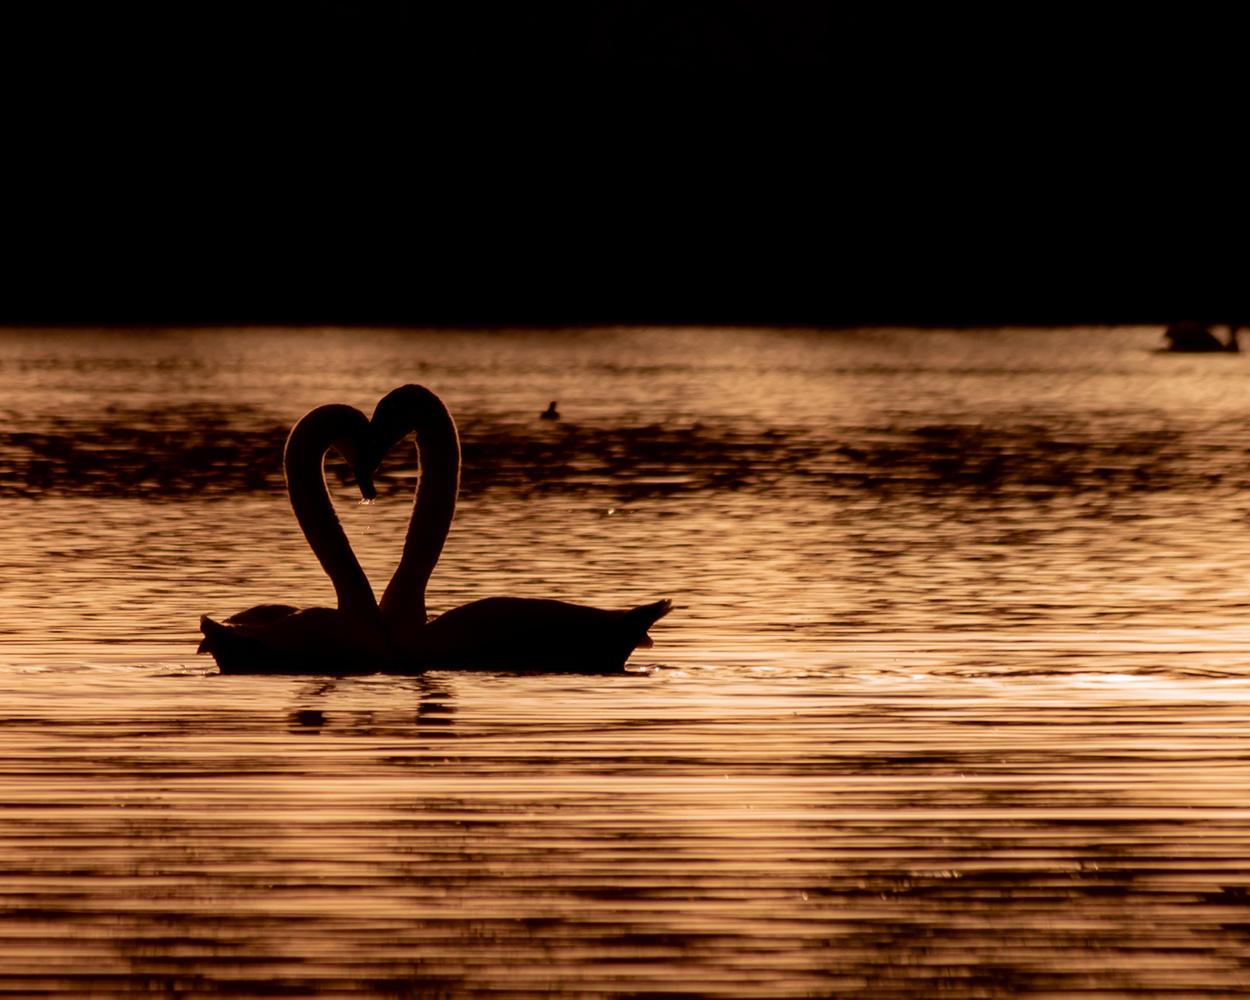 Swansheart by Felix Strutzke